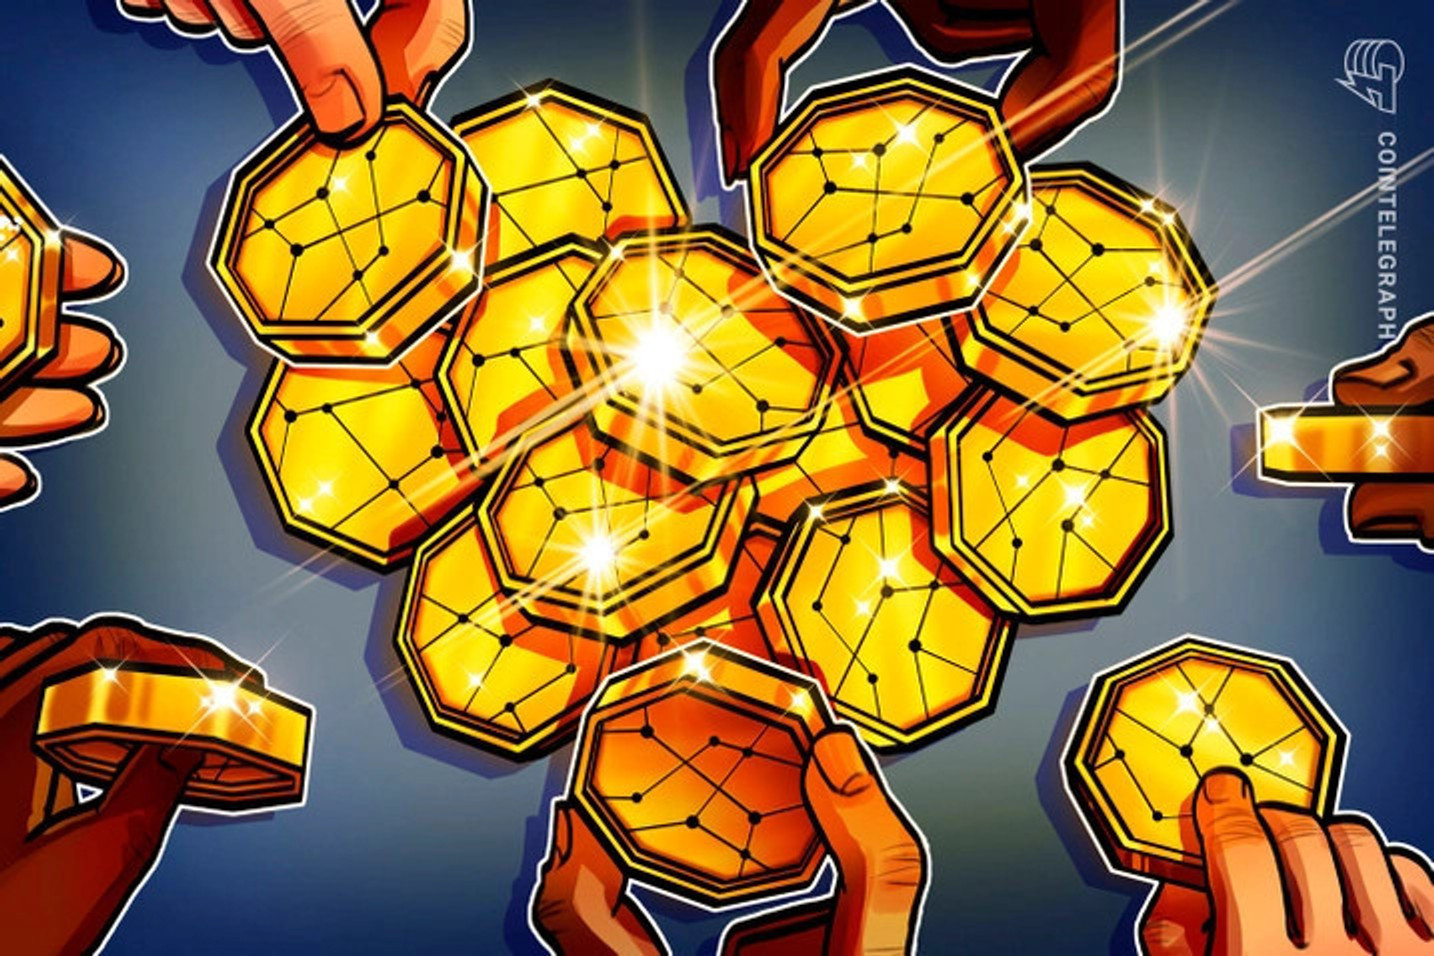 Maiores rodadas de investimentos em empresas de criptomoedas e blockchain...até agora